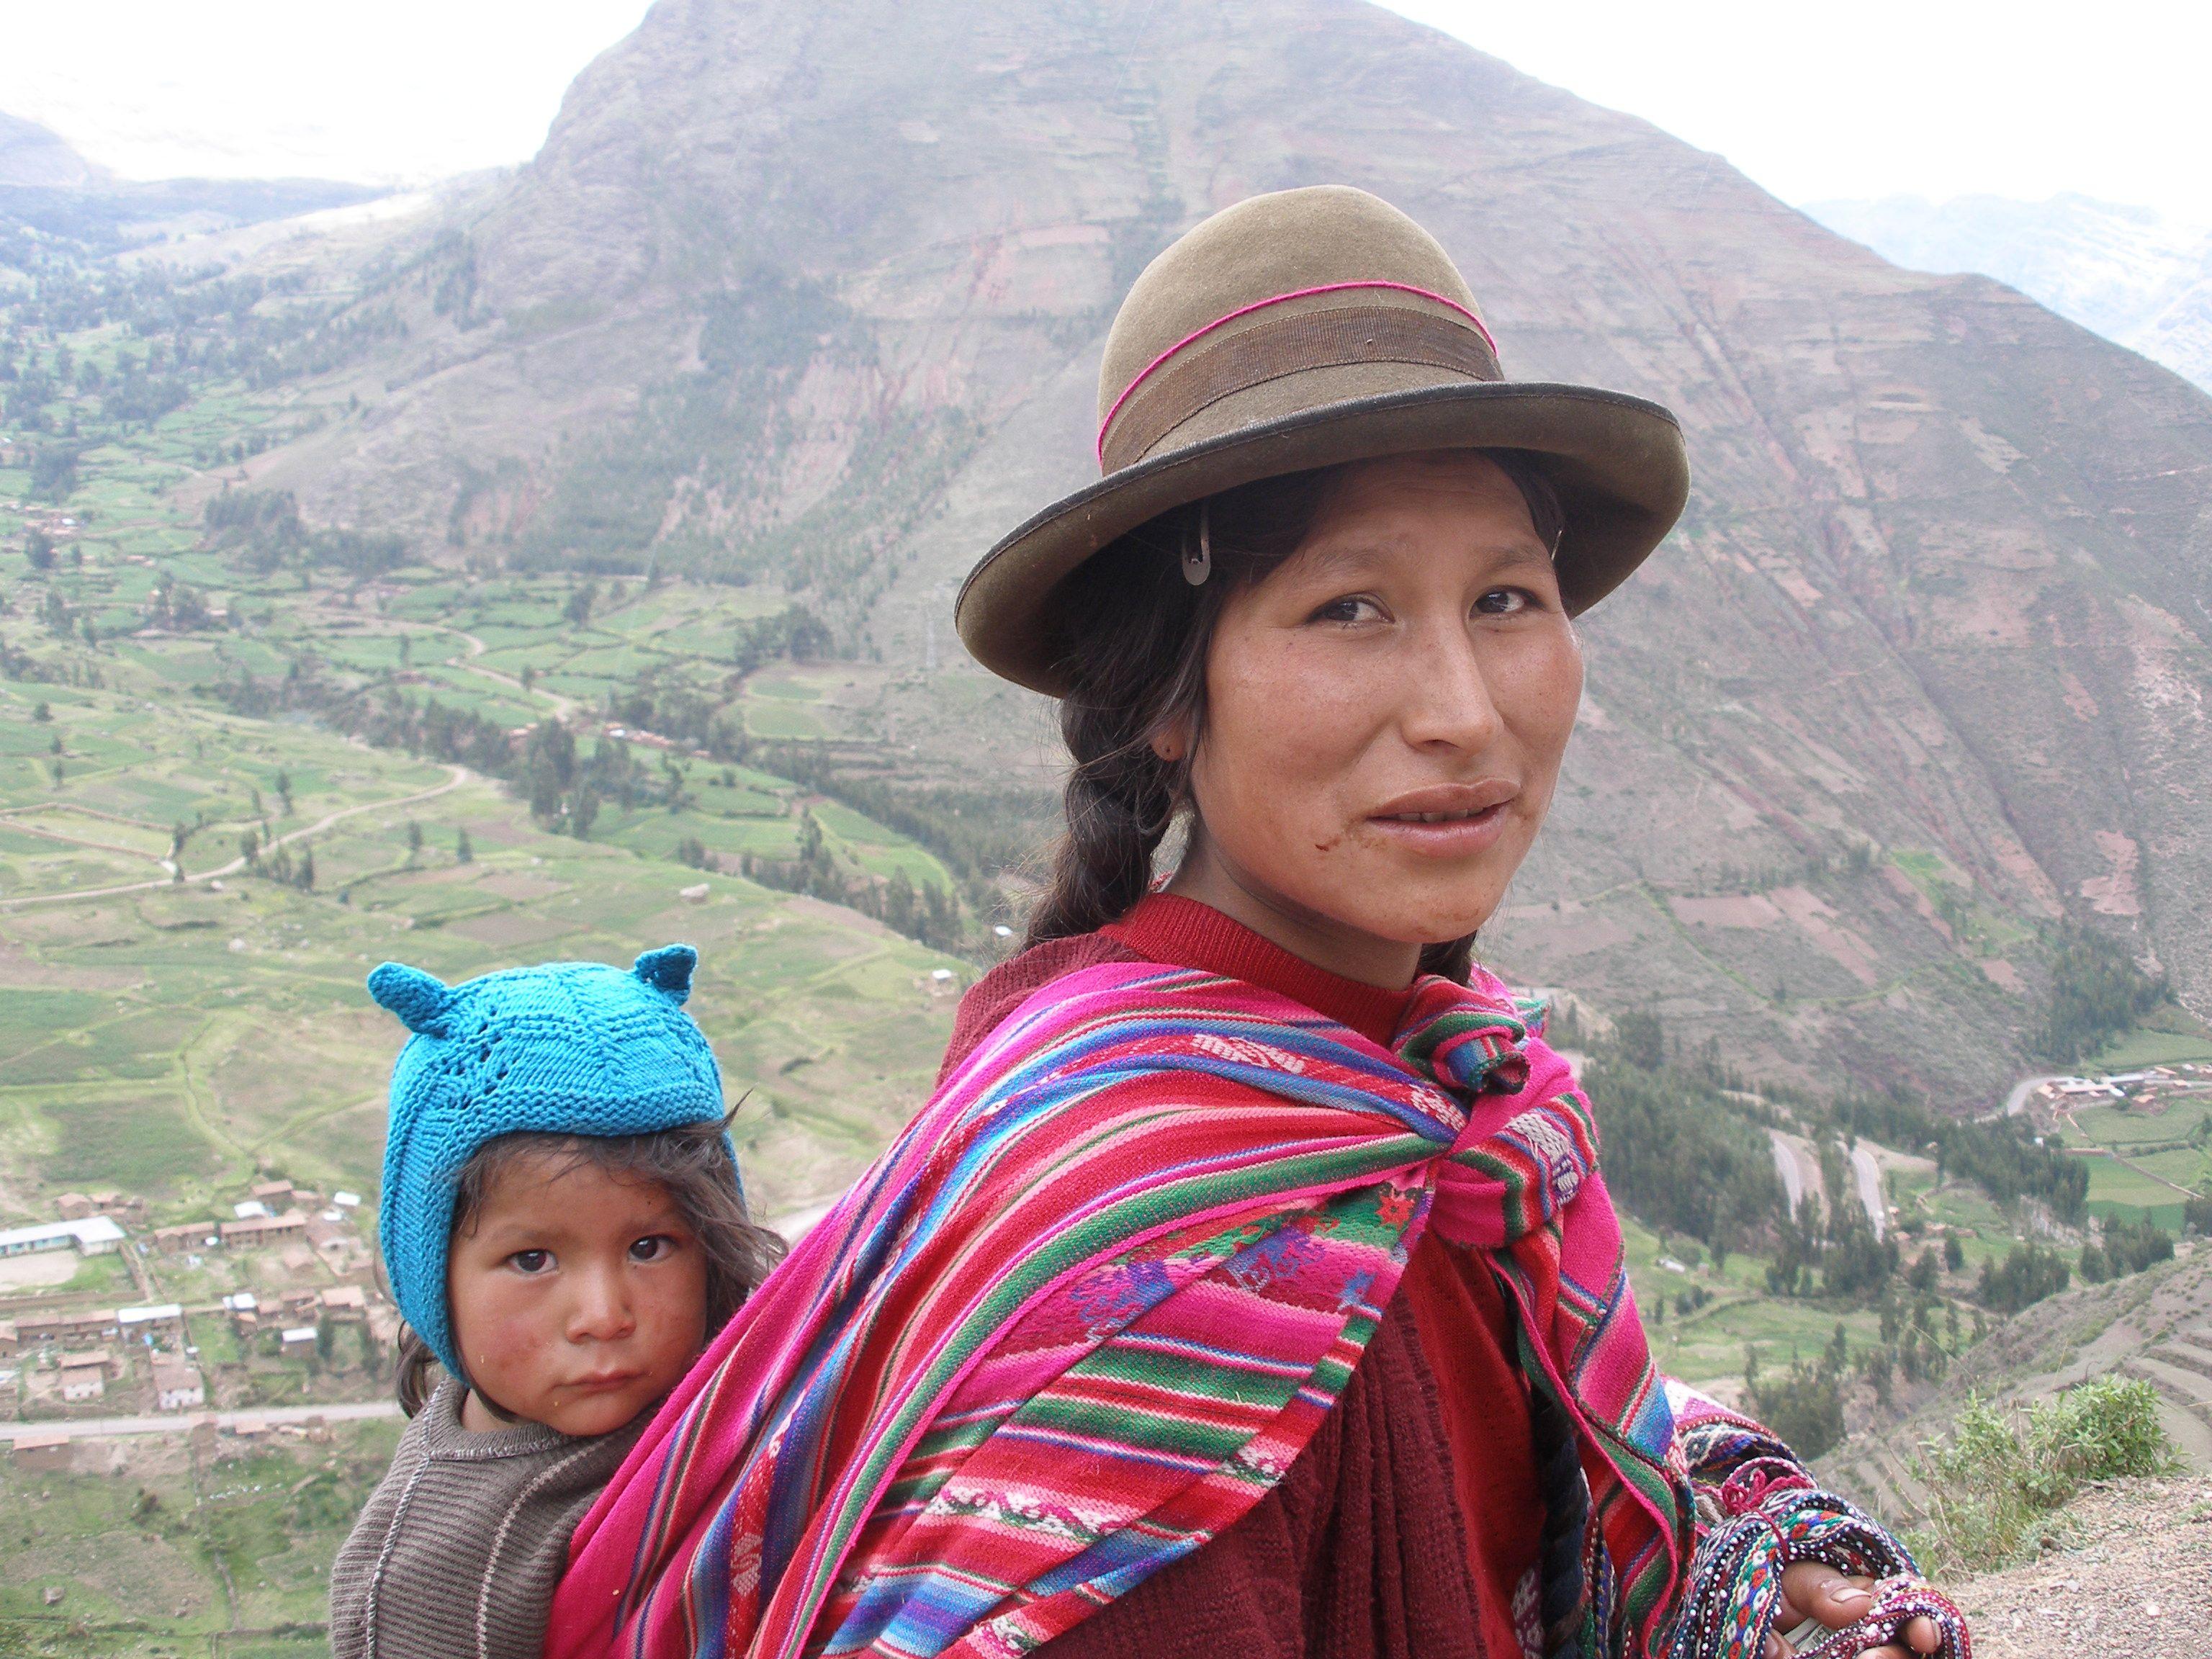 Peru women showing skin